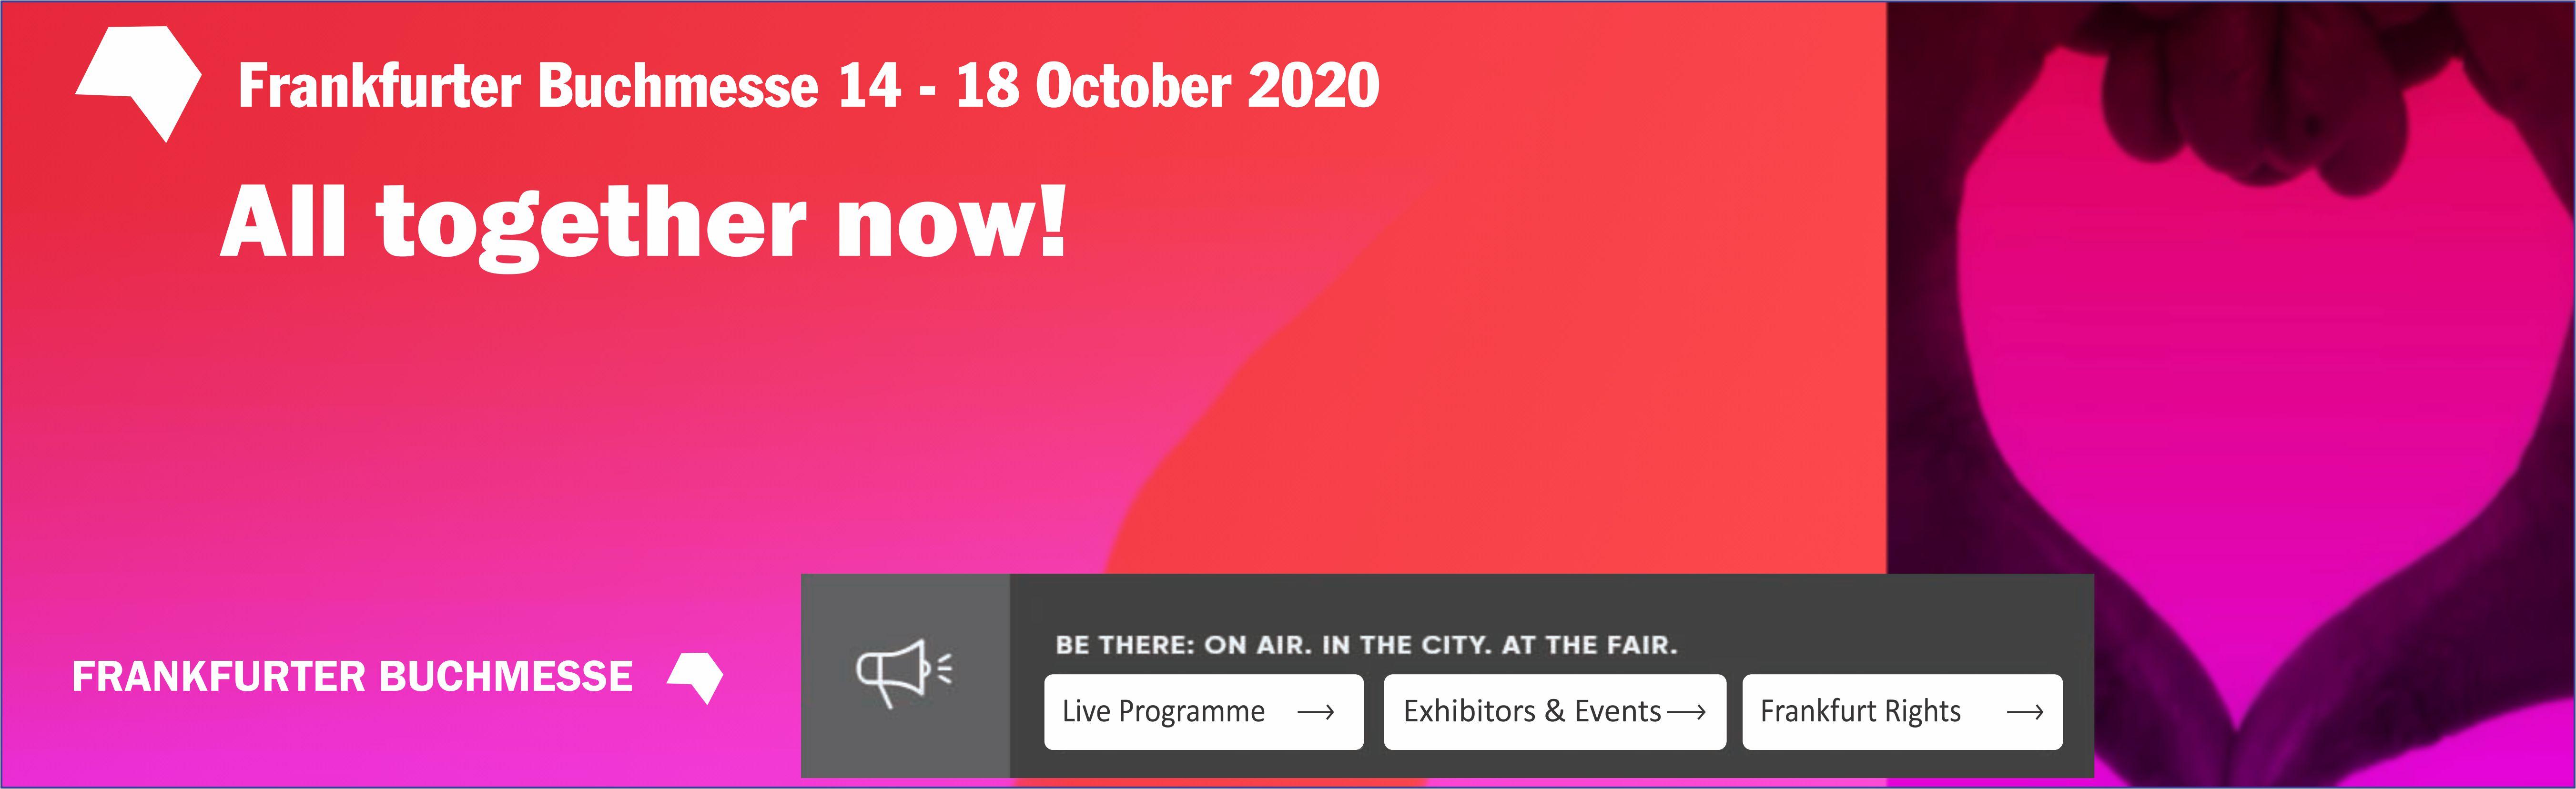 Frankfurt Book Fair 2020 - FBF